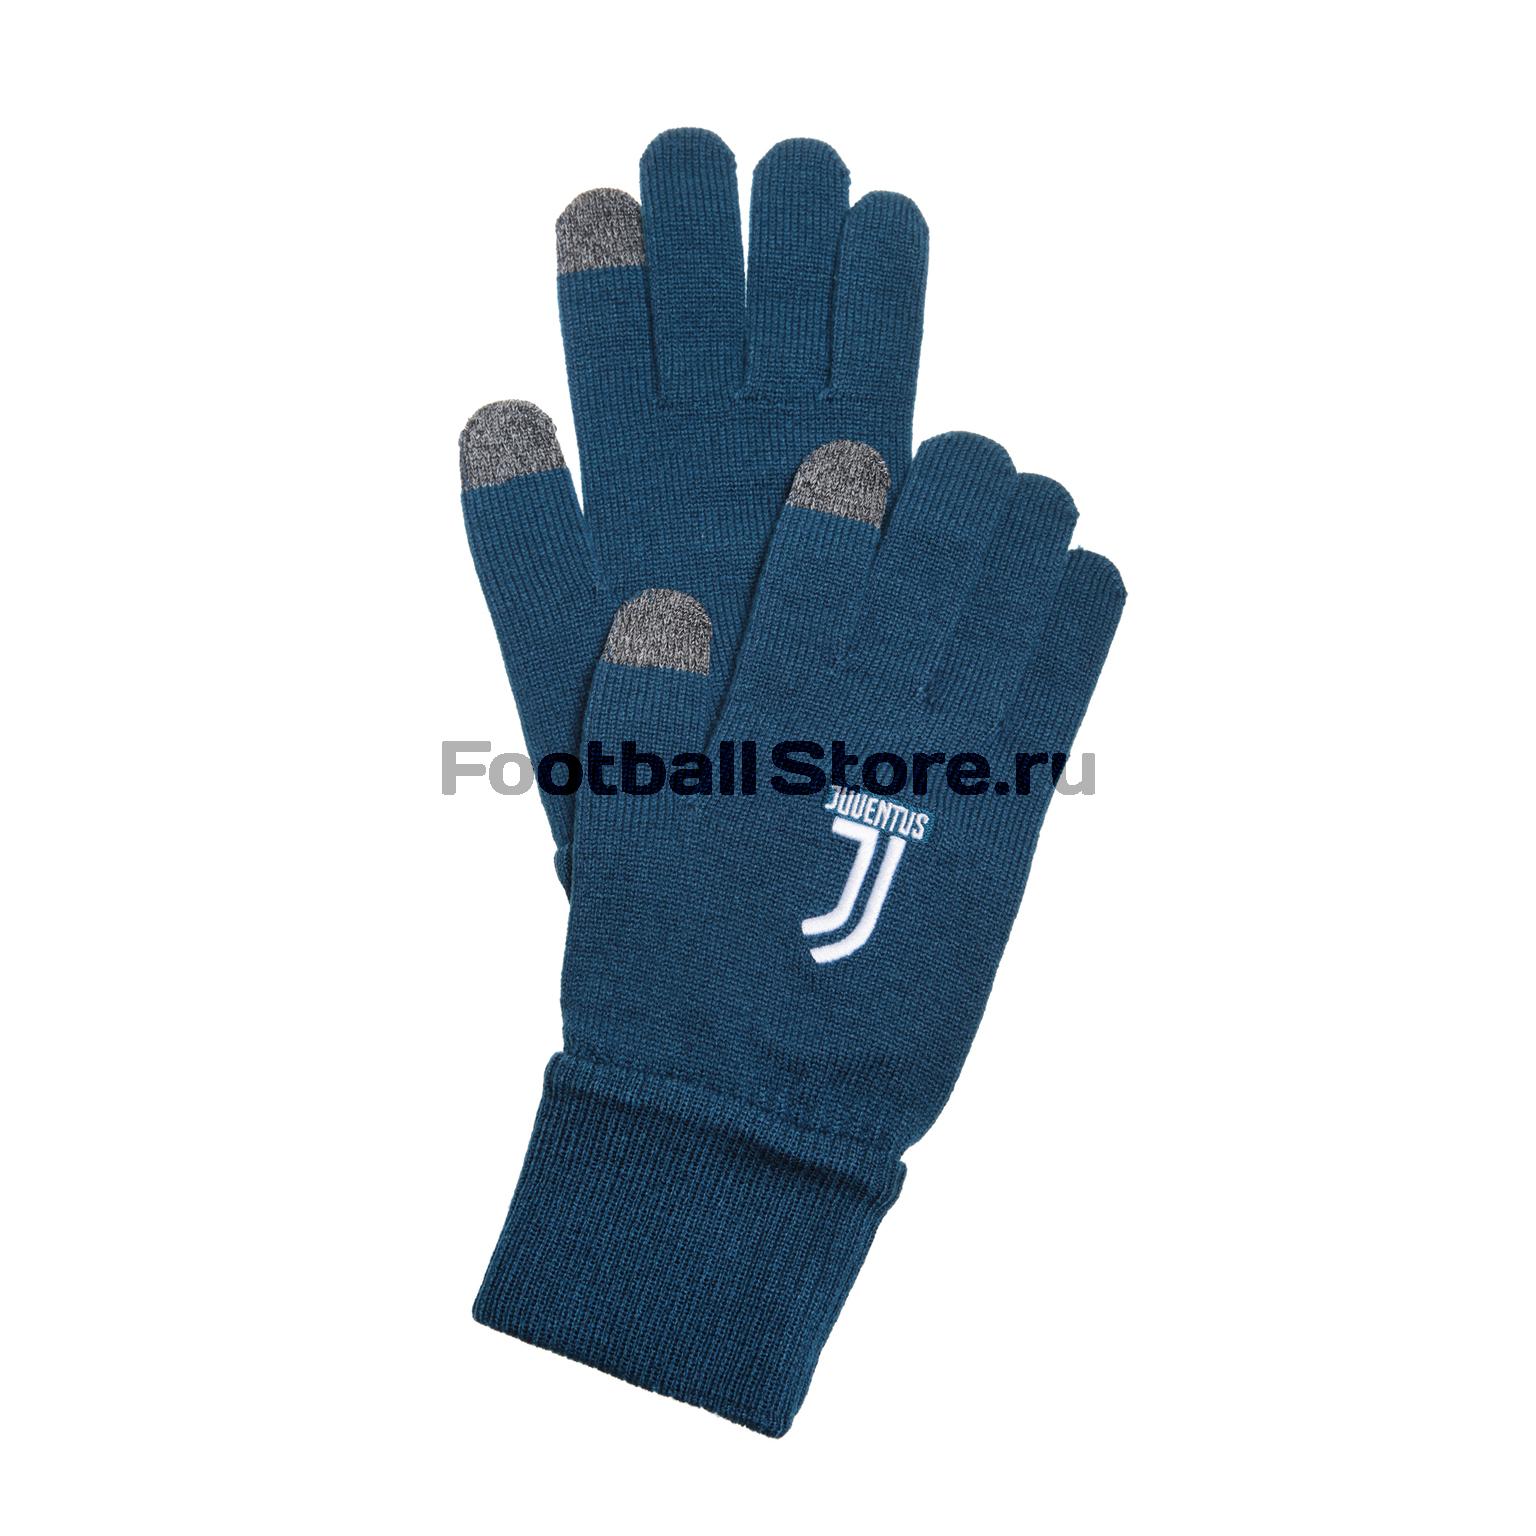 Перчатки тренировочные Adidas Juventus BR7004 перчатки мма everlast перчатки тренировочные prime mma l xl